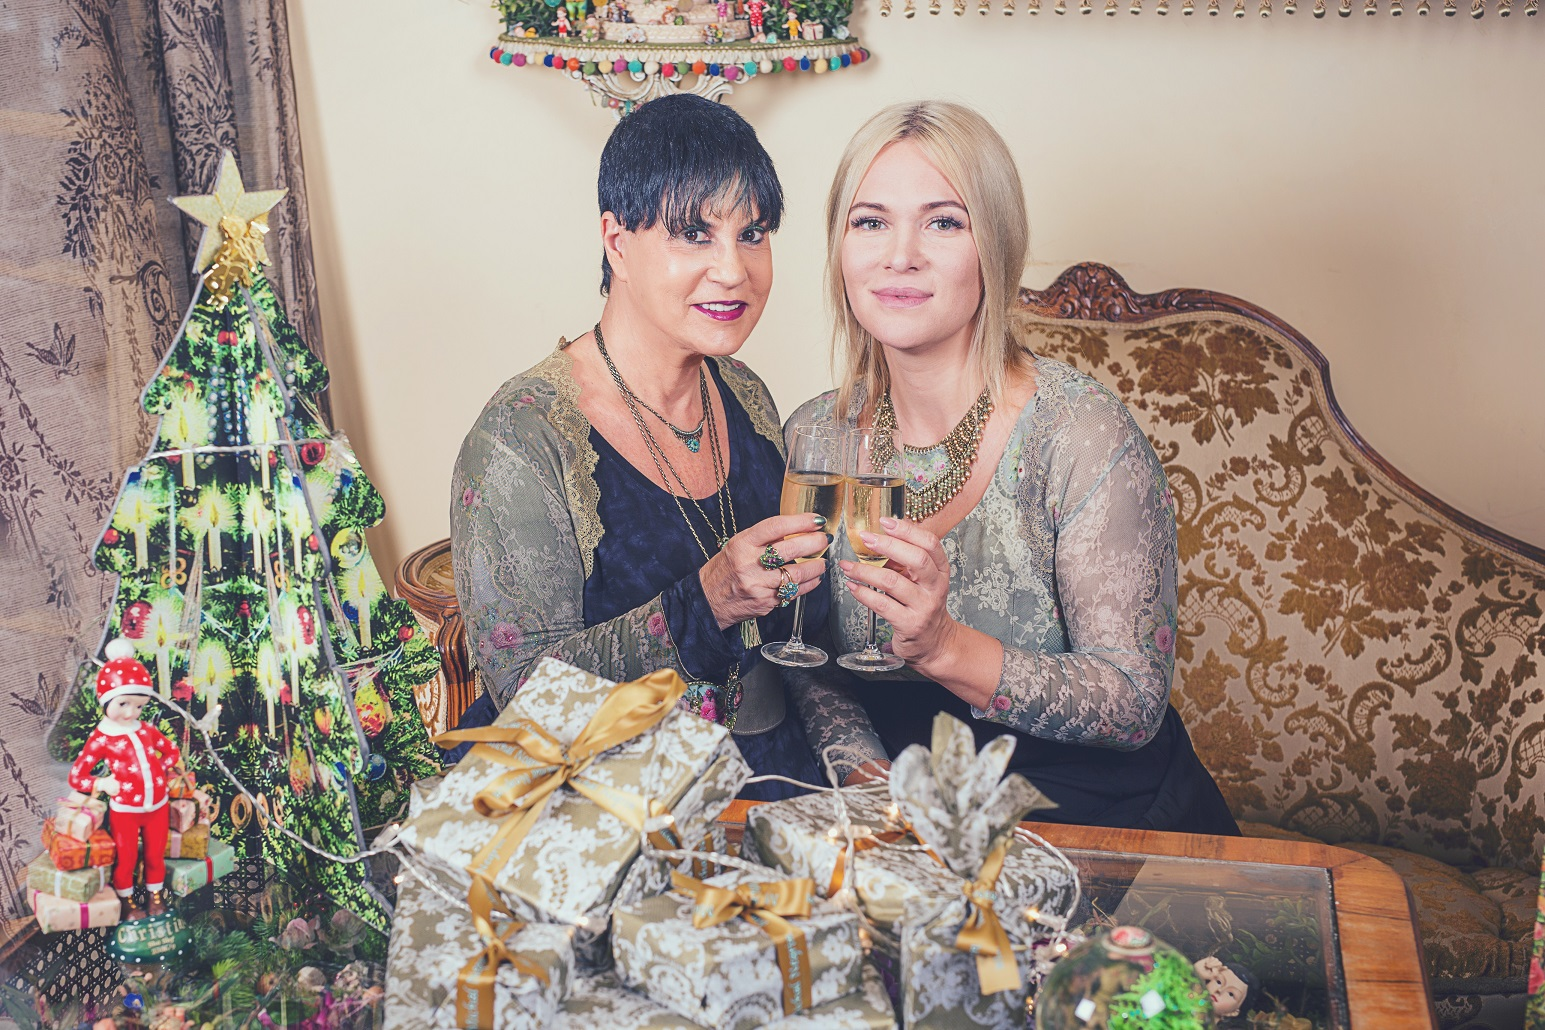 Как прожить Новый год в волшебном мире сказки и мечты? Праздничные пожелания от Михаль Негрин и Виктории Макарской